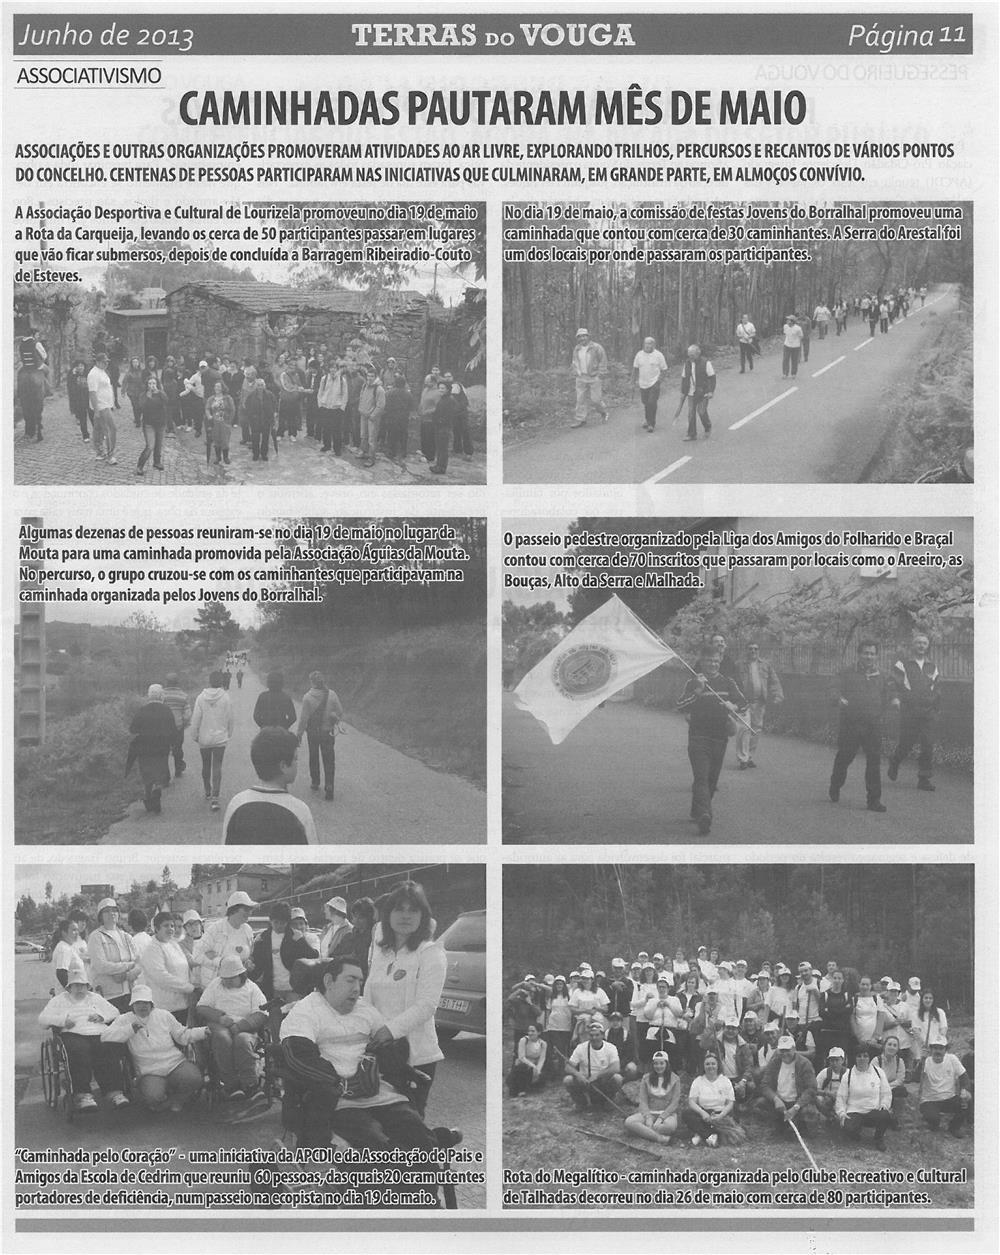 TV-jun13-p11-Caminhadas pautaram mês de maio